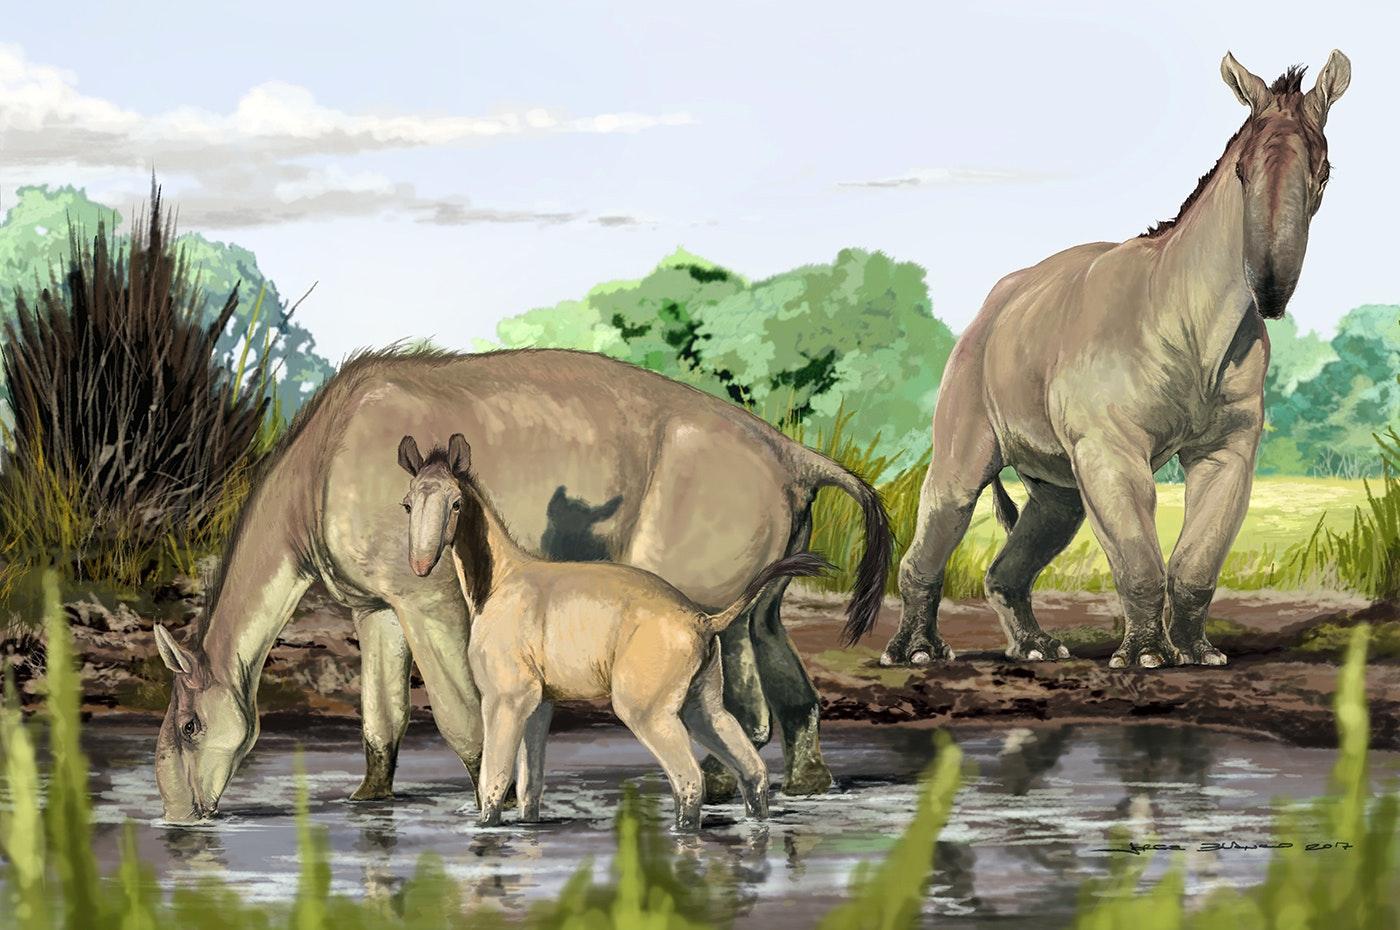 слушатели получали картинки с древними животными район отлично подходит